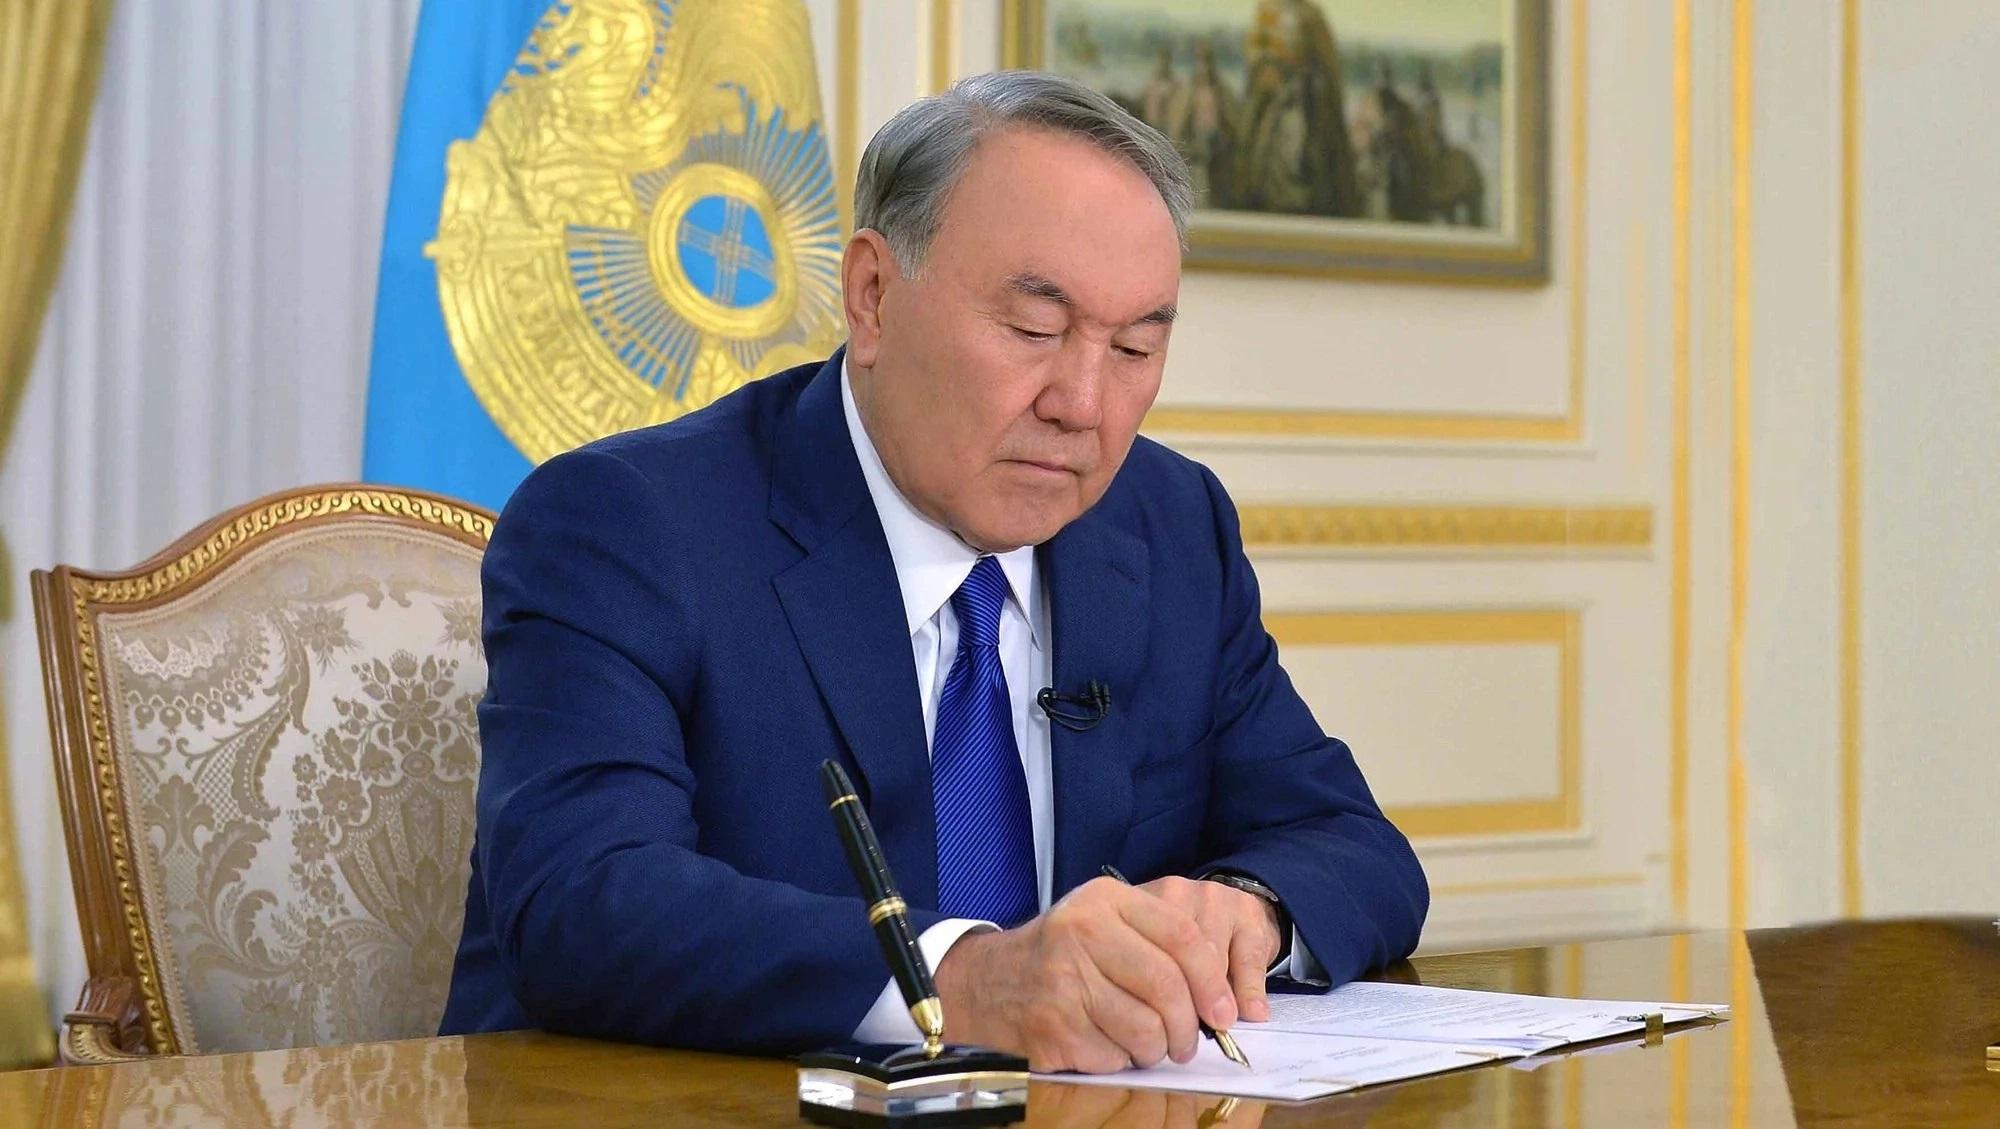 Казахстан ратифицировал меморандум об отправке миротворцев в Ливан в составе индийского батальона